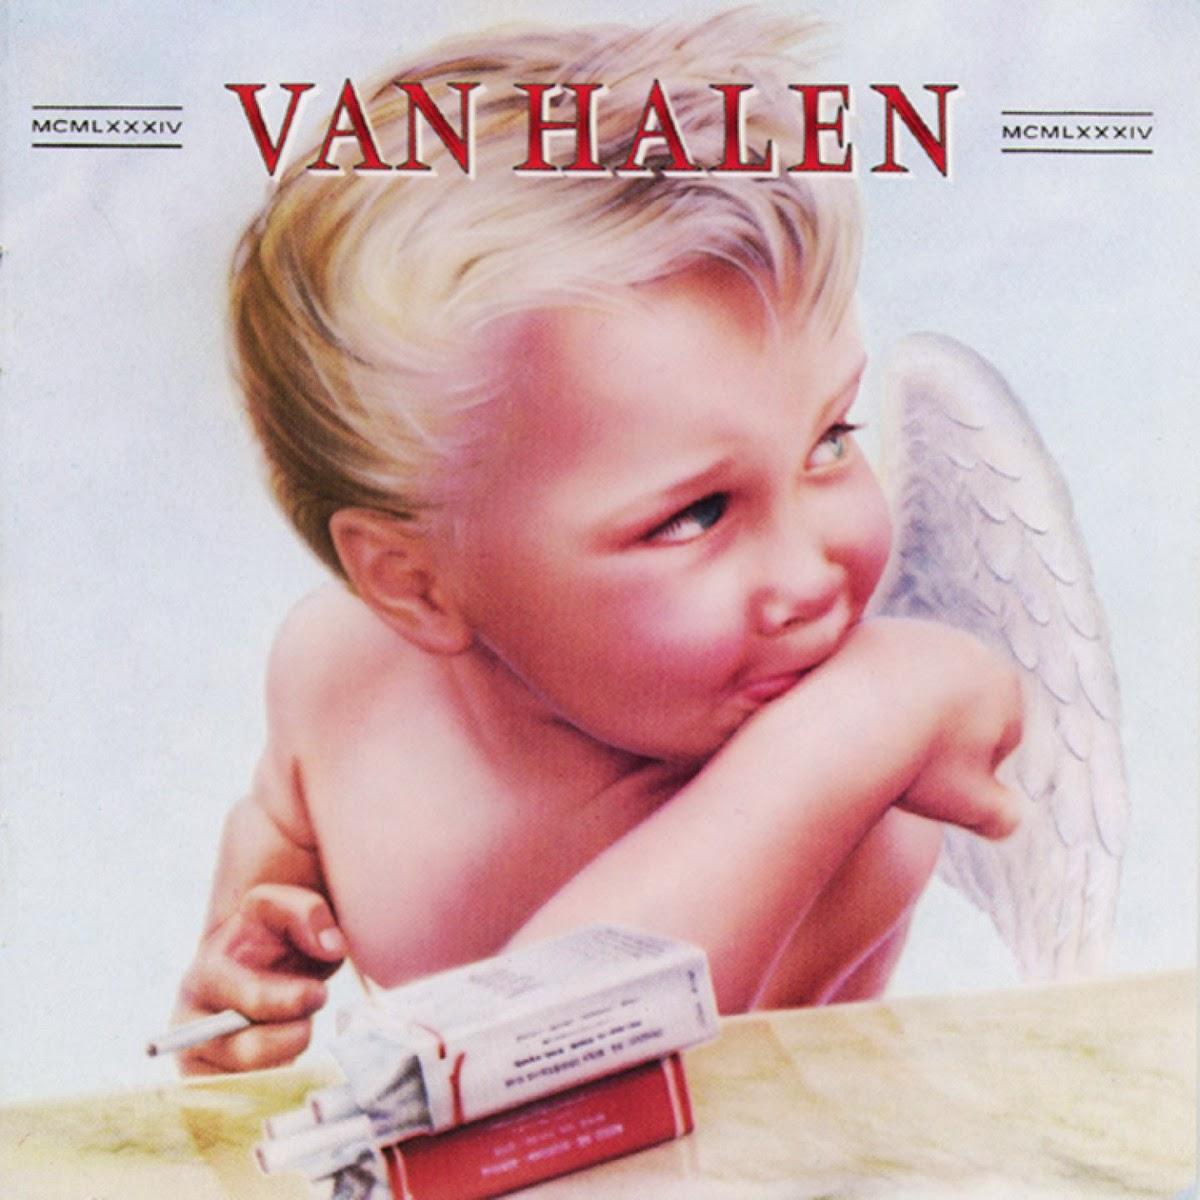 Van Halen - 1984 Cover